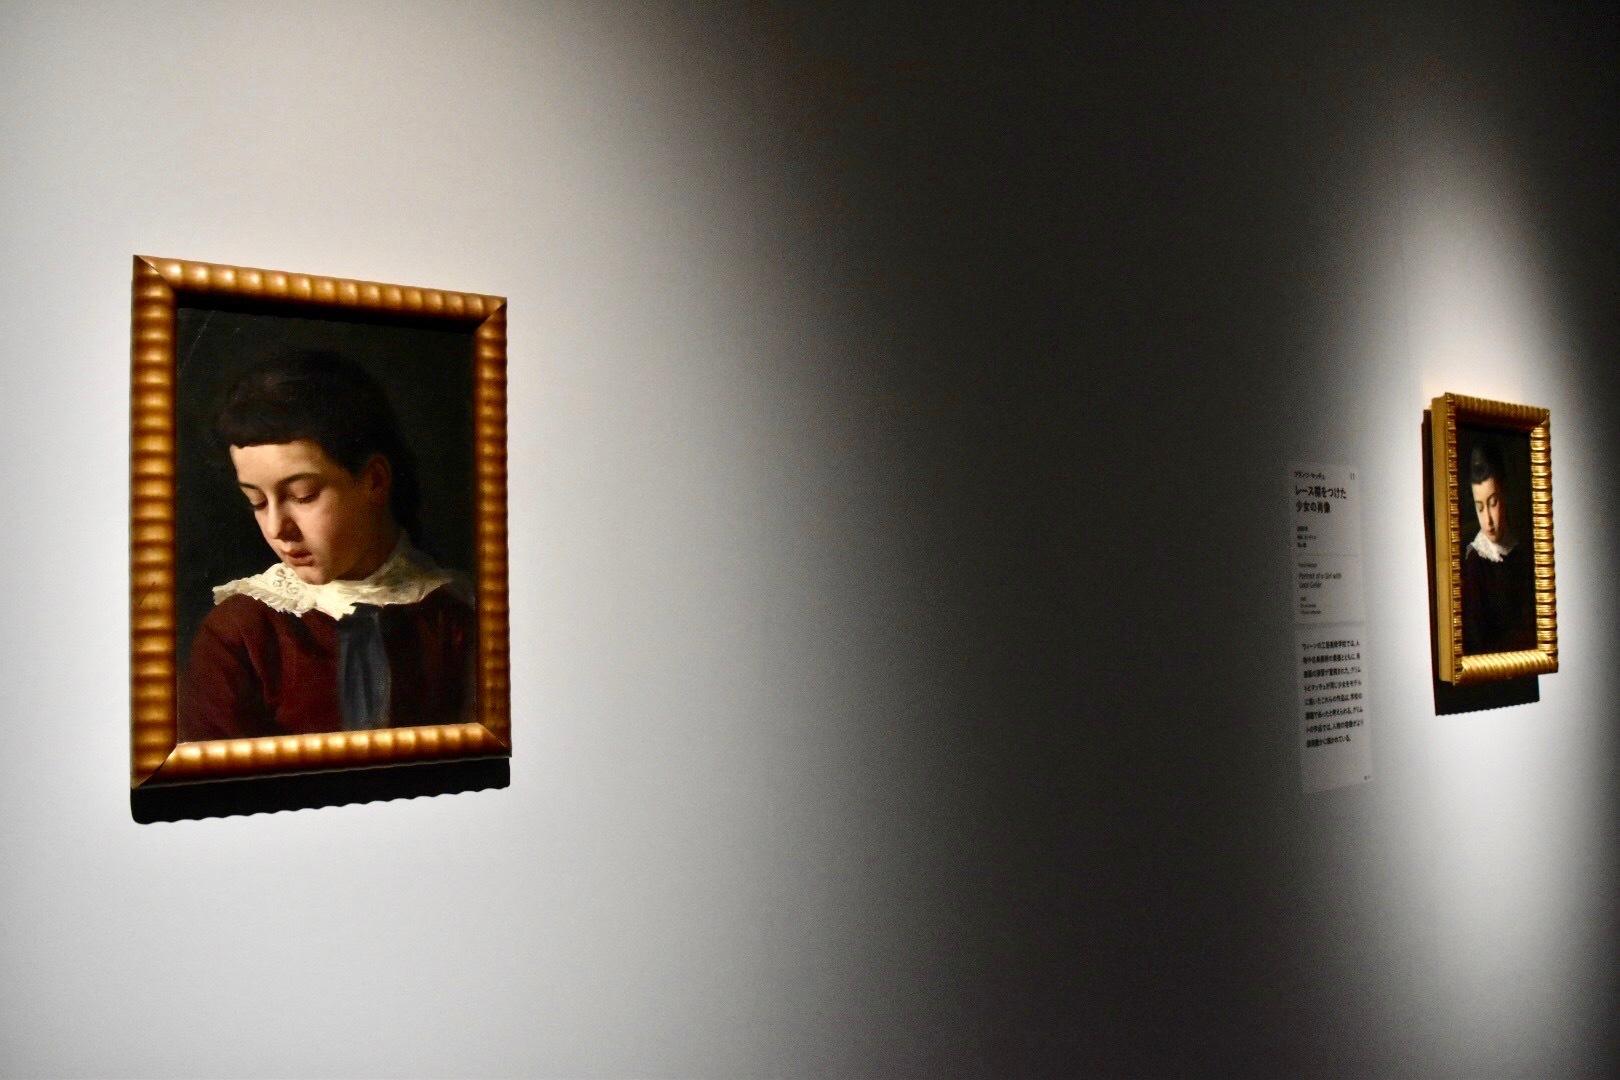 左:グスタフ・クリムト 《レース襟をつけた少女の肖像》 1880年 個人蔵